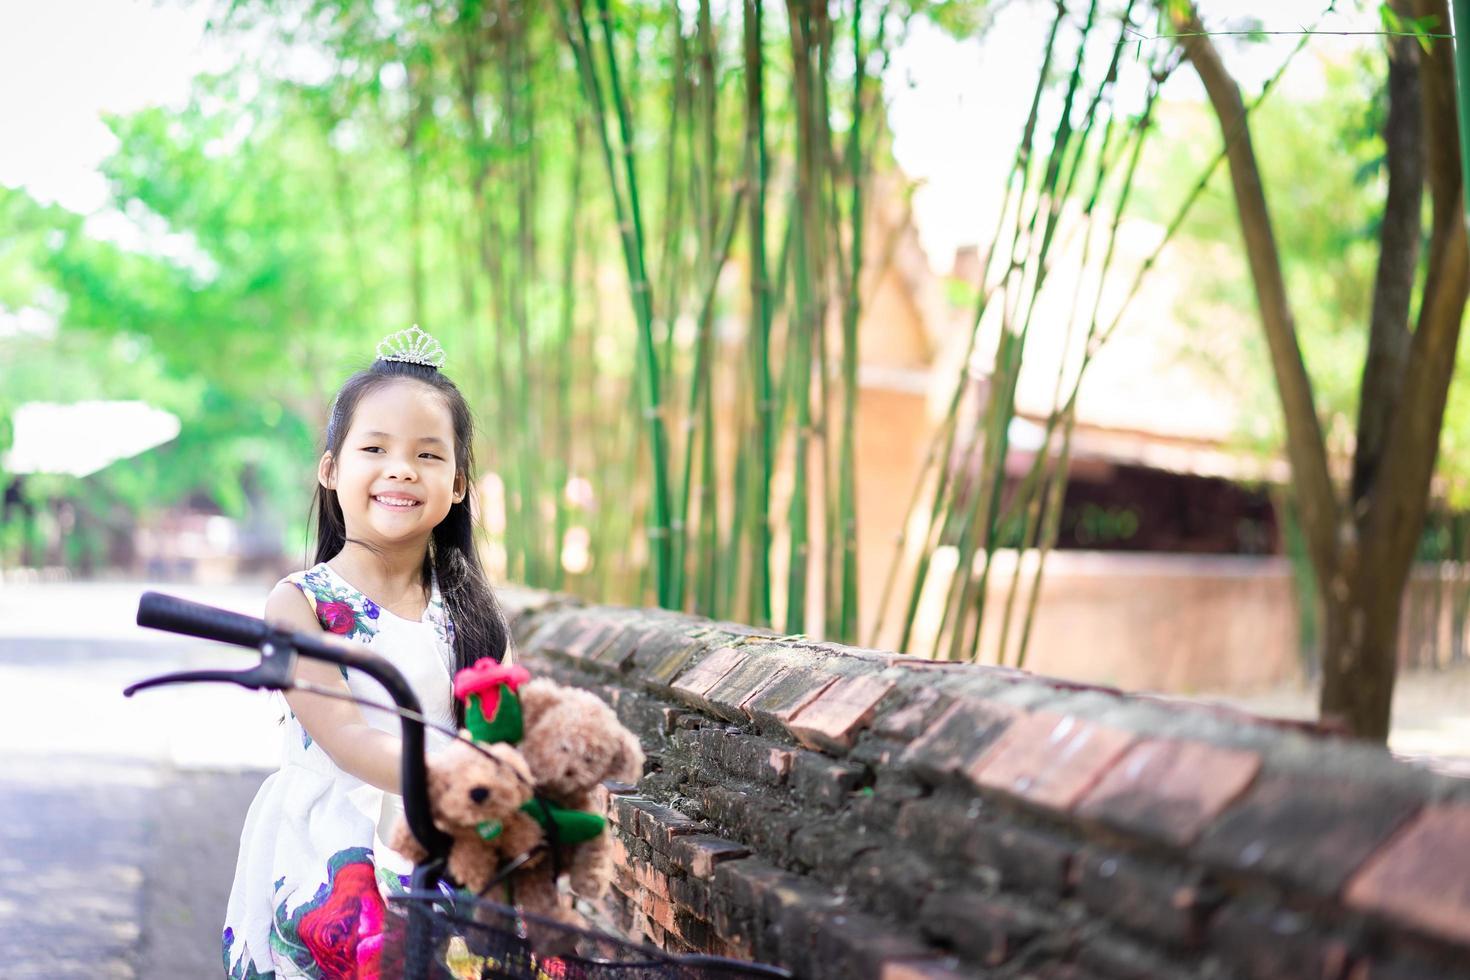 süßes kleines asiatisches Mädchen im Kleid, das eine rote Rose hält foto